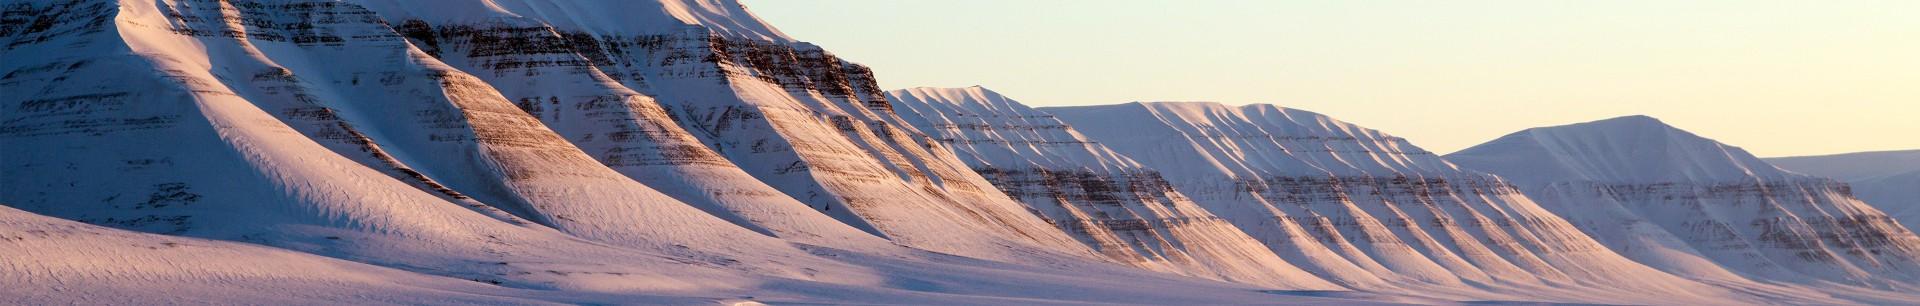 Arktis-Bücher: Reiseführer, Bildbände und Polar-Lesestoff. Spitzbergen (Svalbard), Bäreninsel, Jan Mayen.